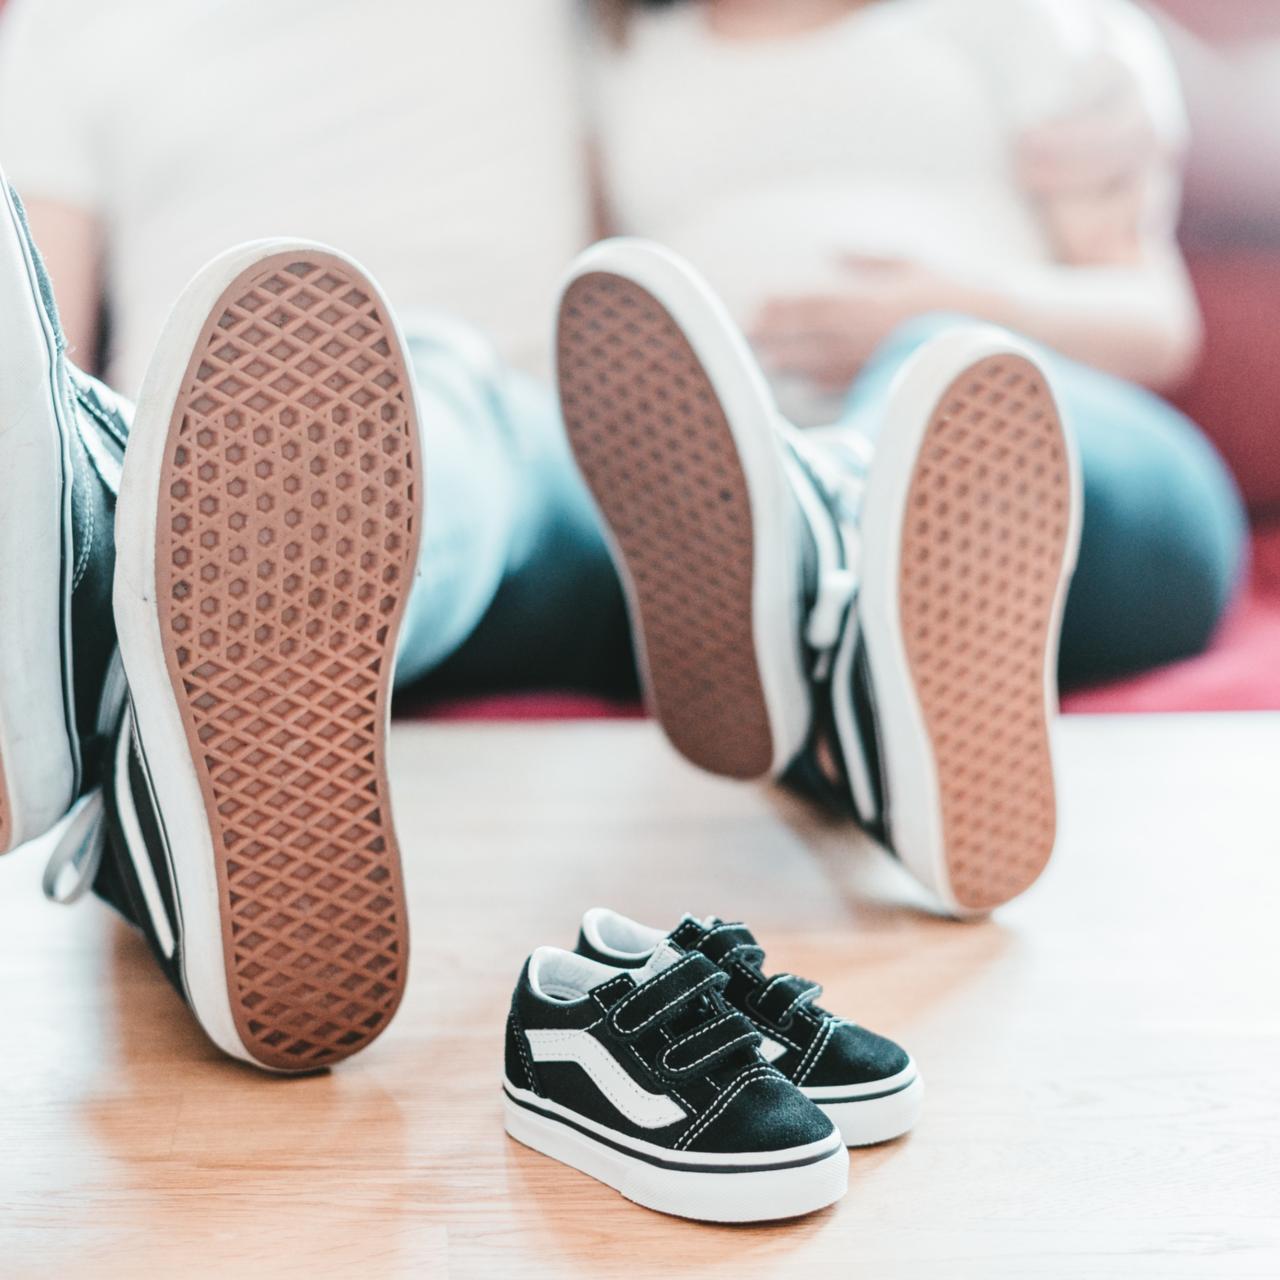 Bei uns wird jedes Kind ganz individuell behandelt (c) www.pixabay.com